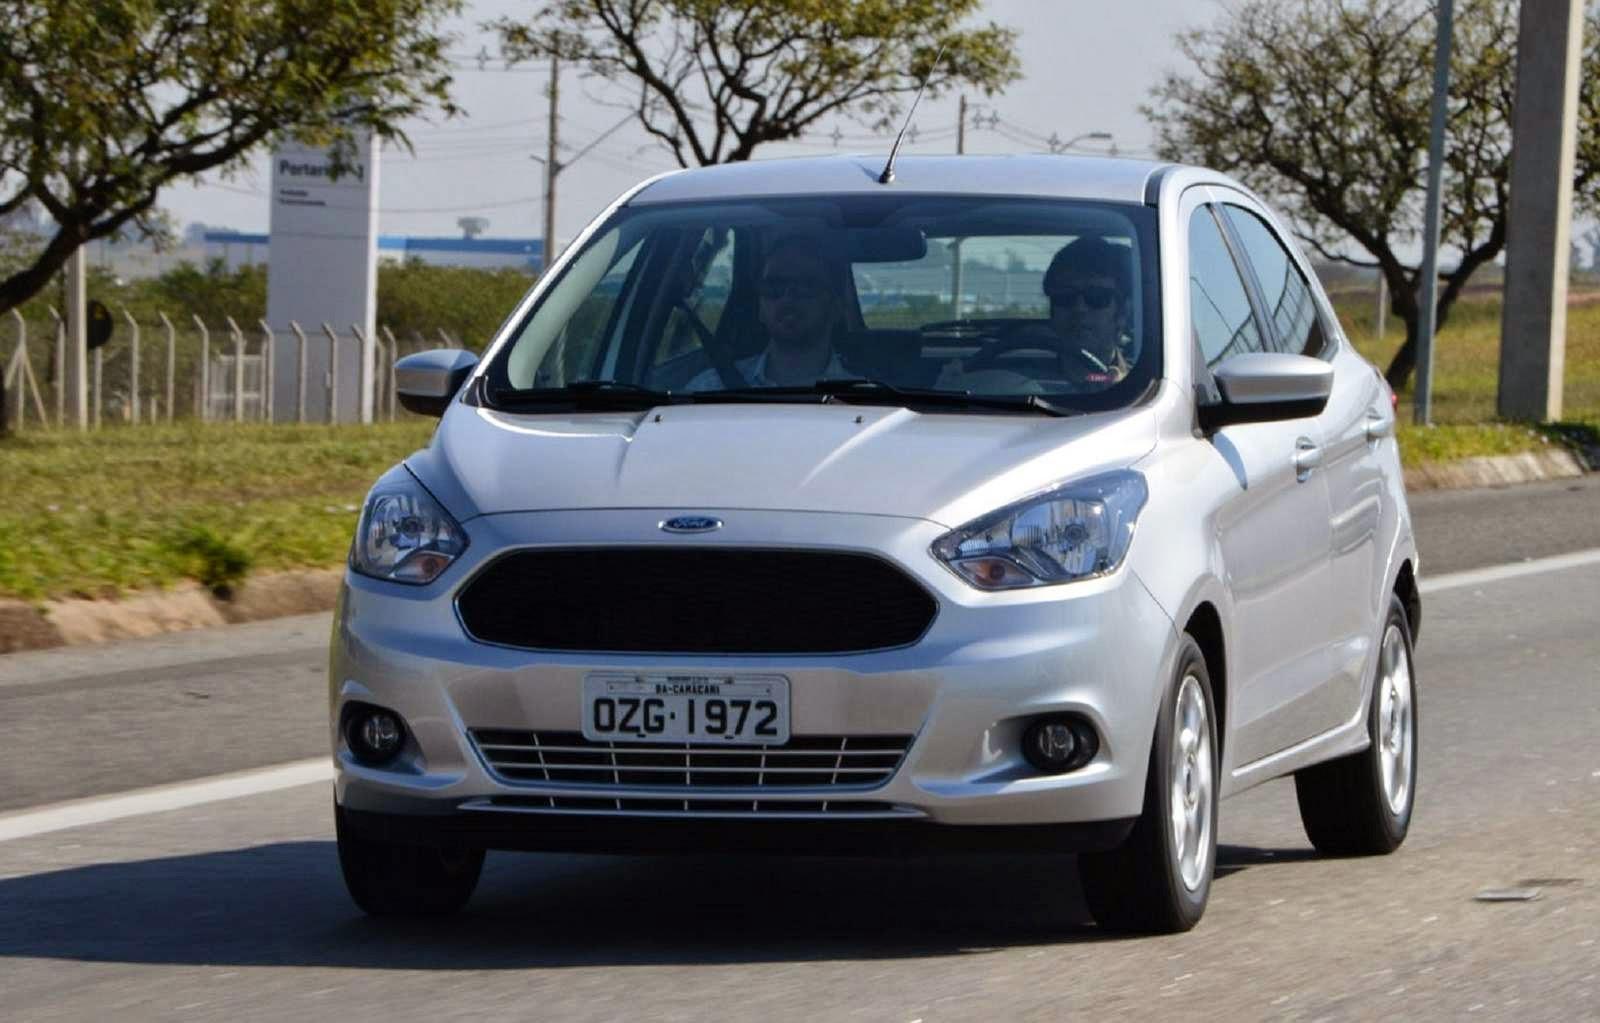 Conheça o Novo Ford Ka 2015 - Preço, Fotos, Avaliação, Ficha